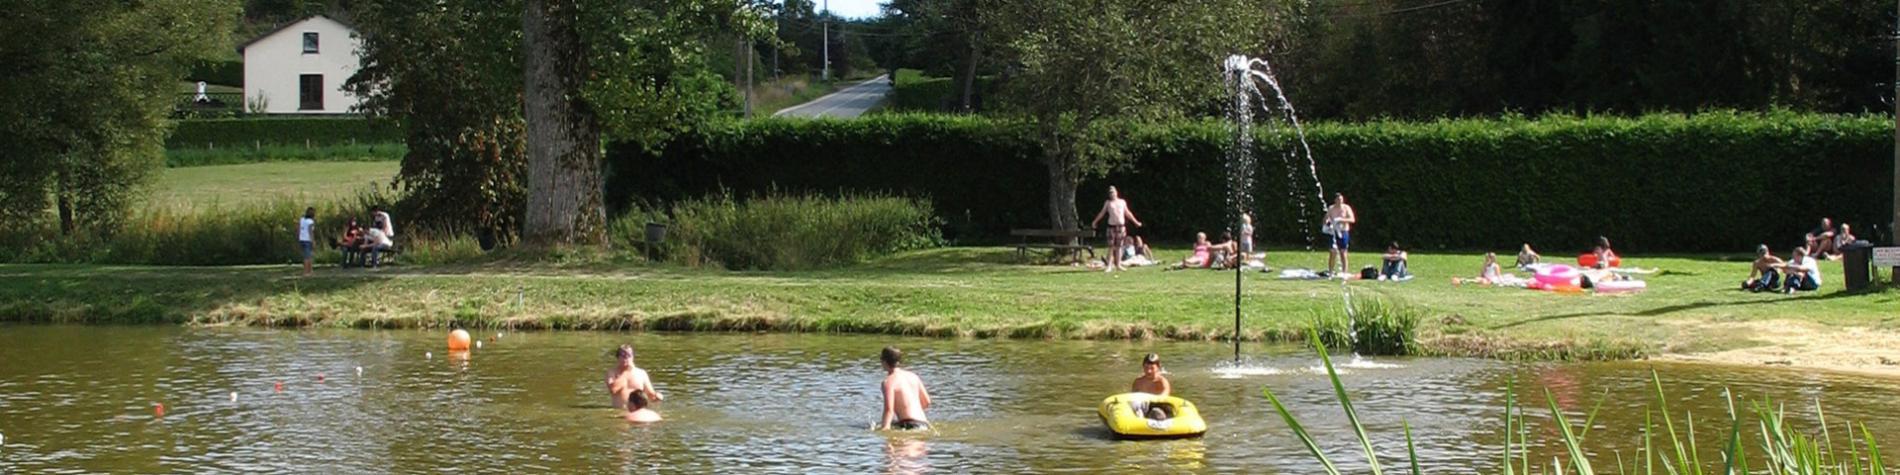 Domaine - lac de Cherapont - Pêche - baignade - Gouvy